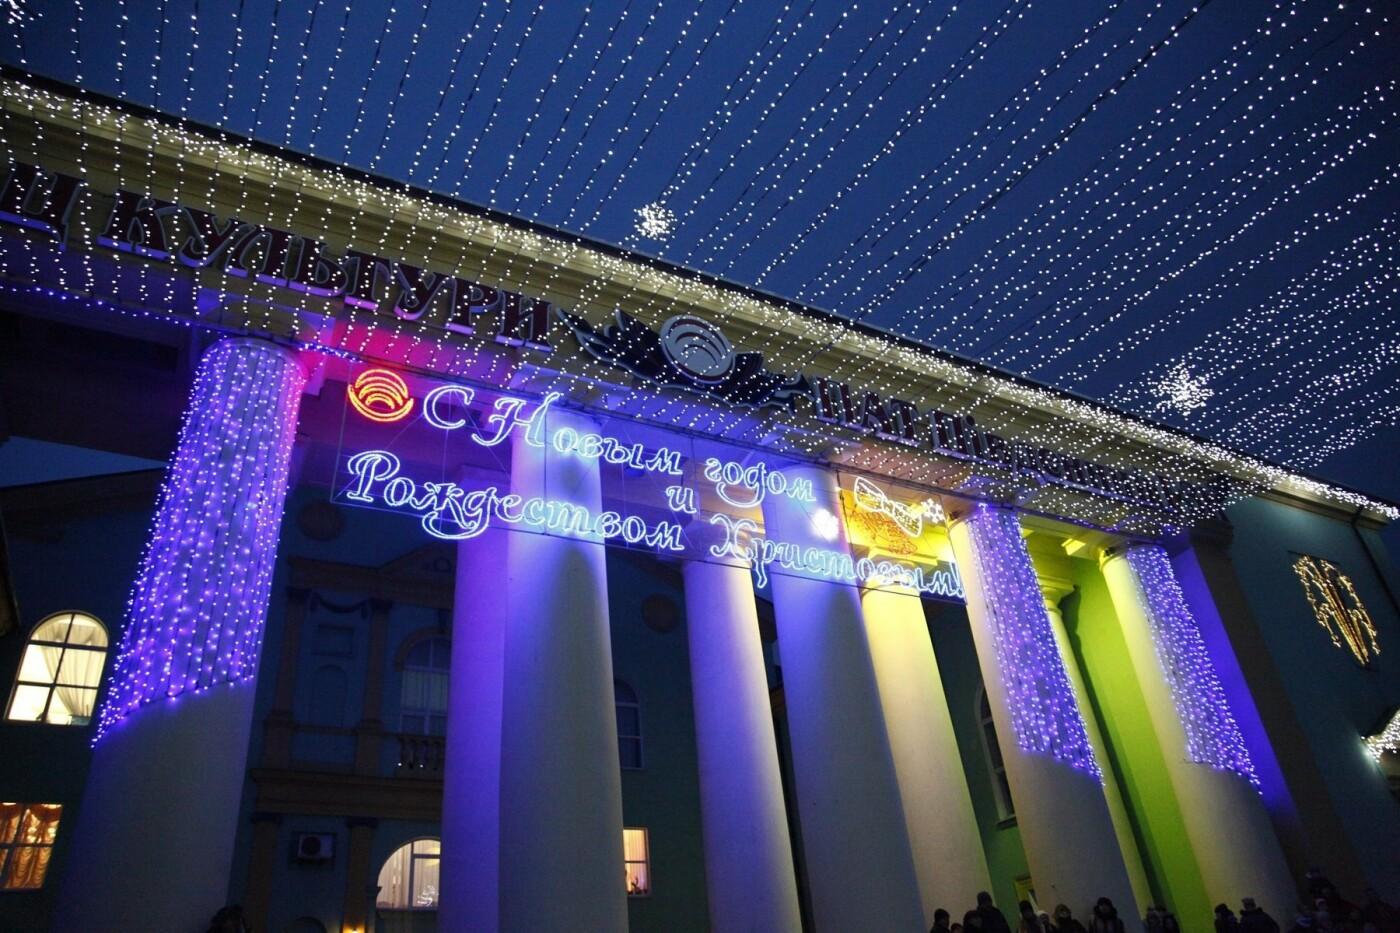 Спешите загадать желание: на ЮГОКе открыли праздничную елку, фото-2